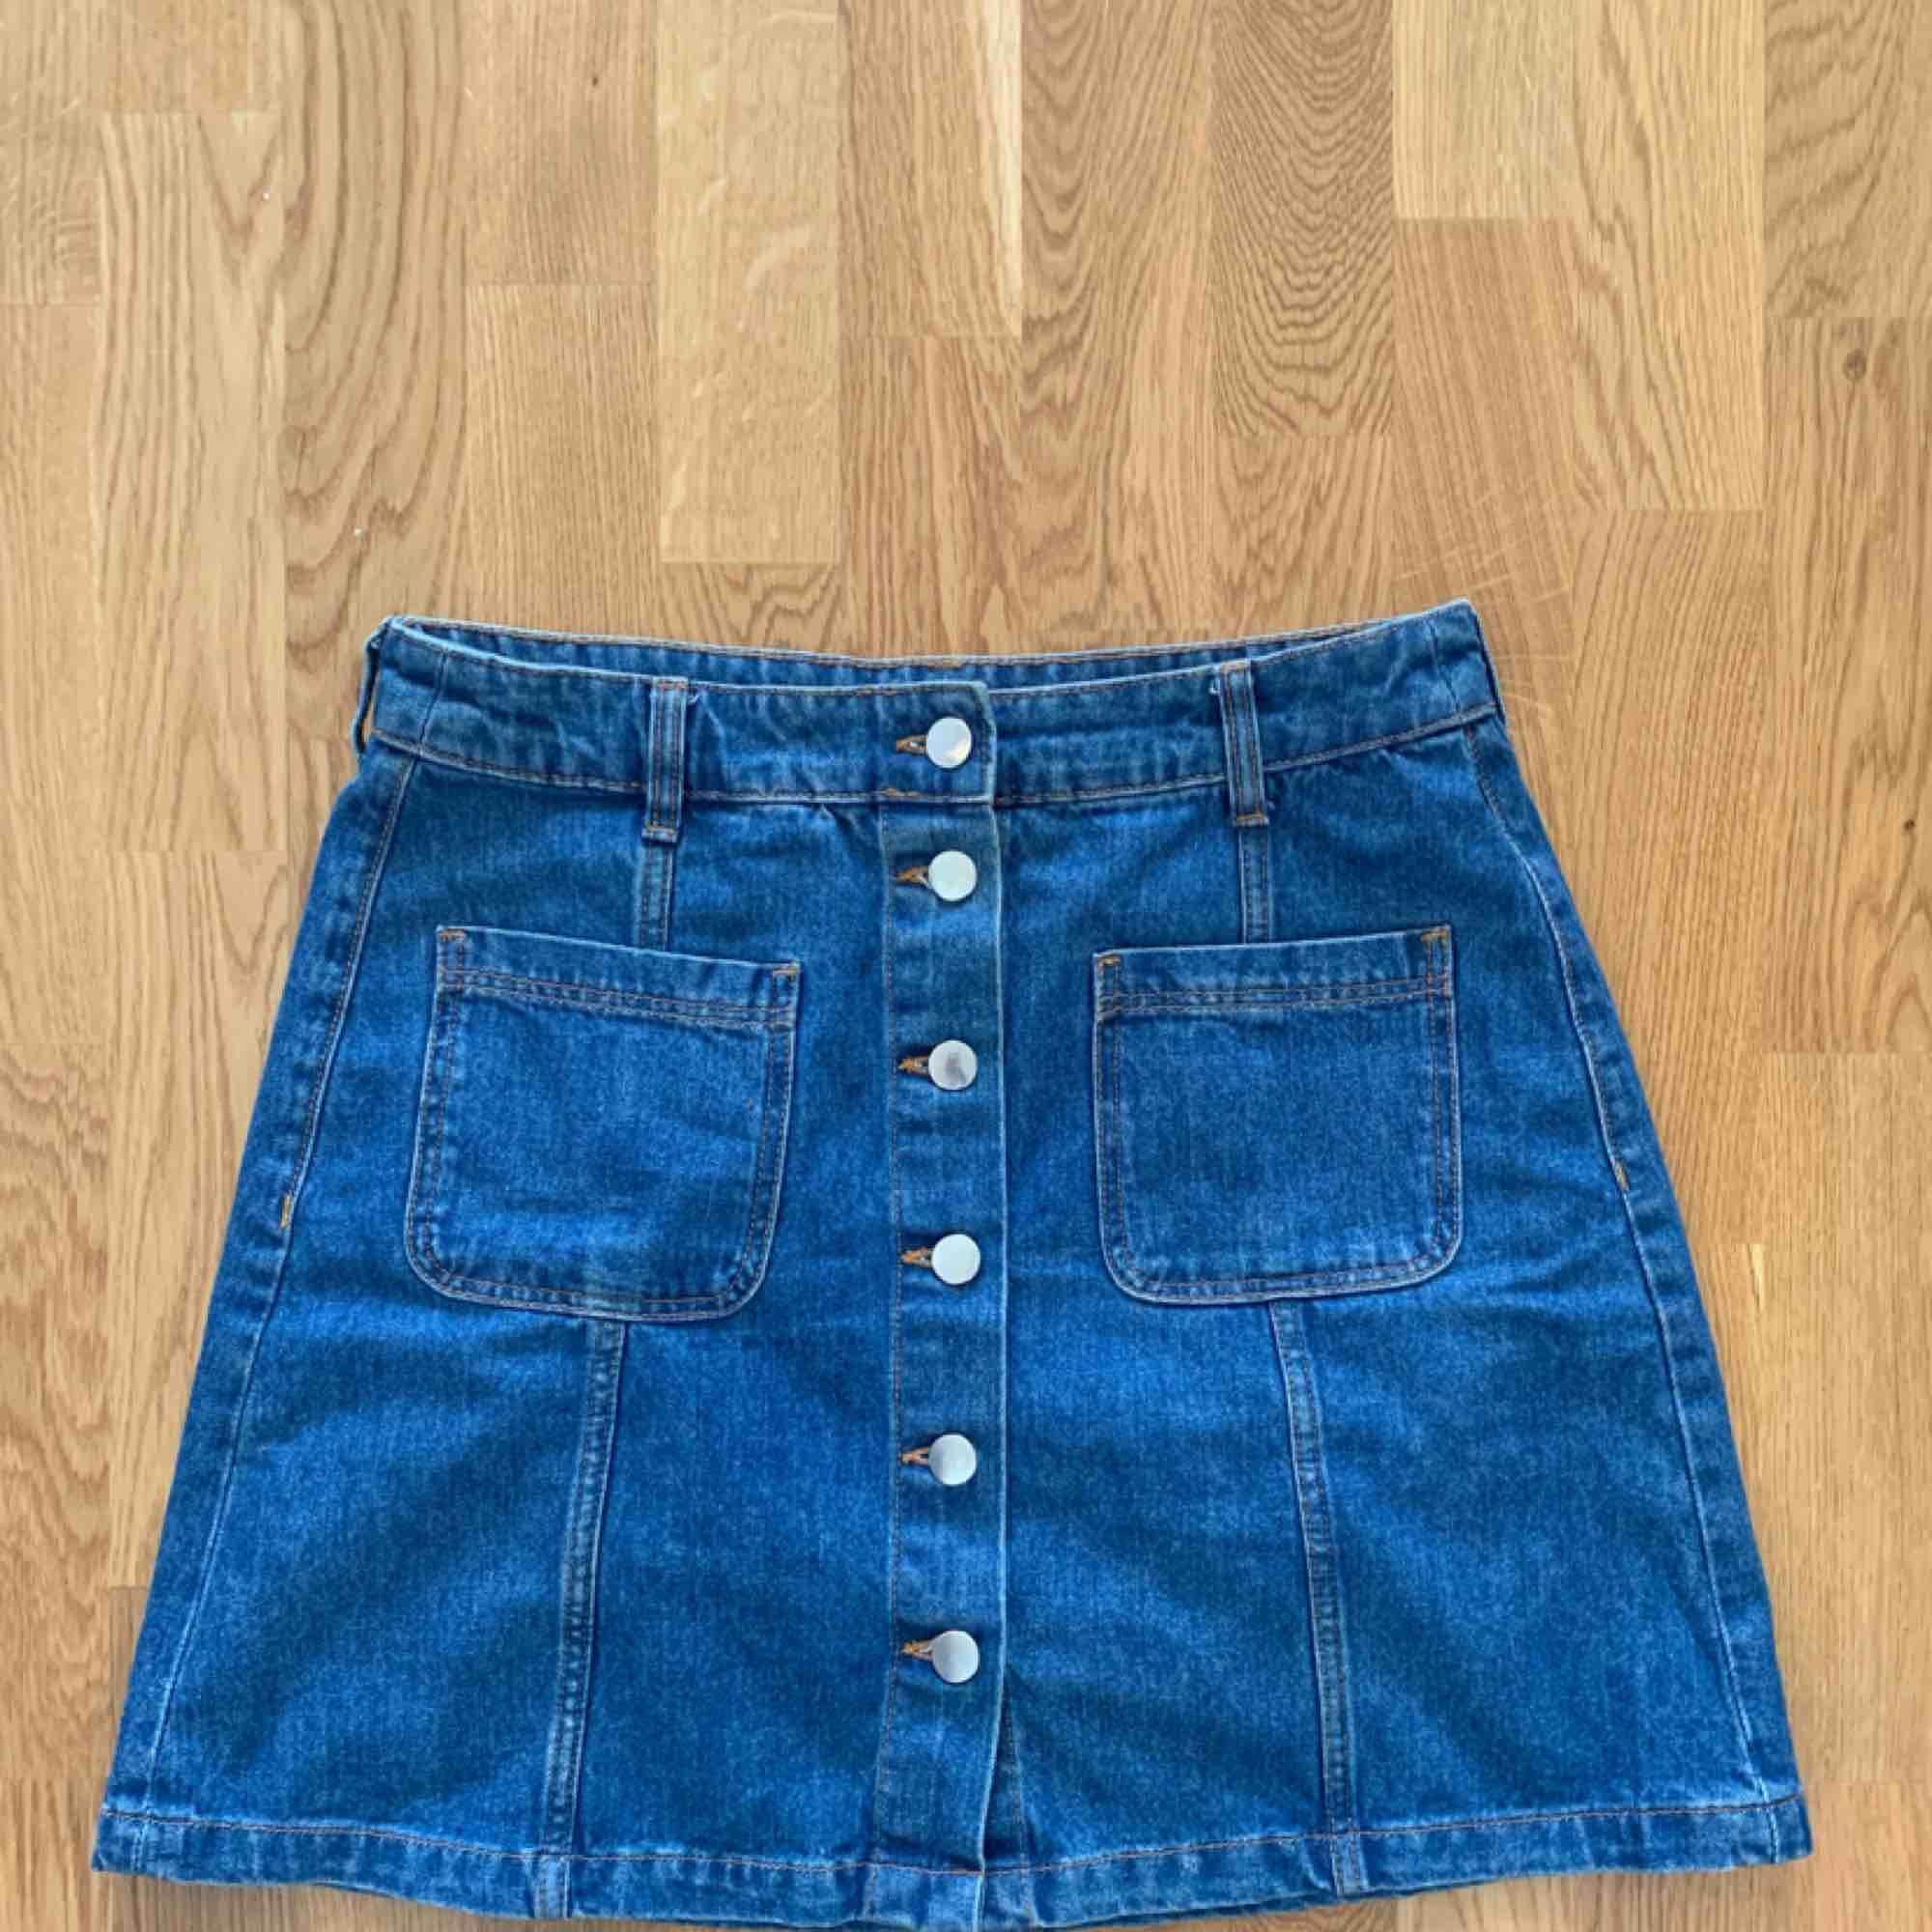 A-linjeformad jeanskjol från hm, använd men gott skick! Passar alla! . Kjolar.